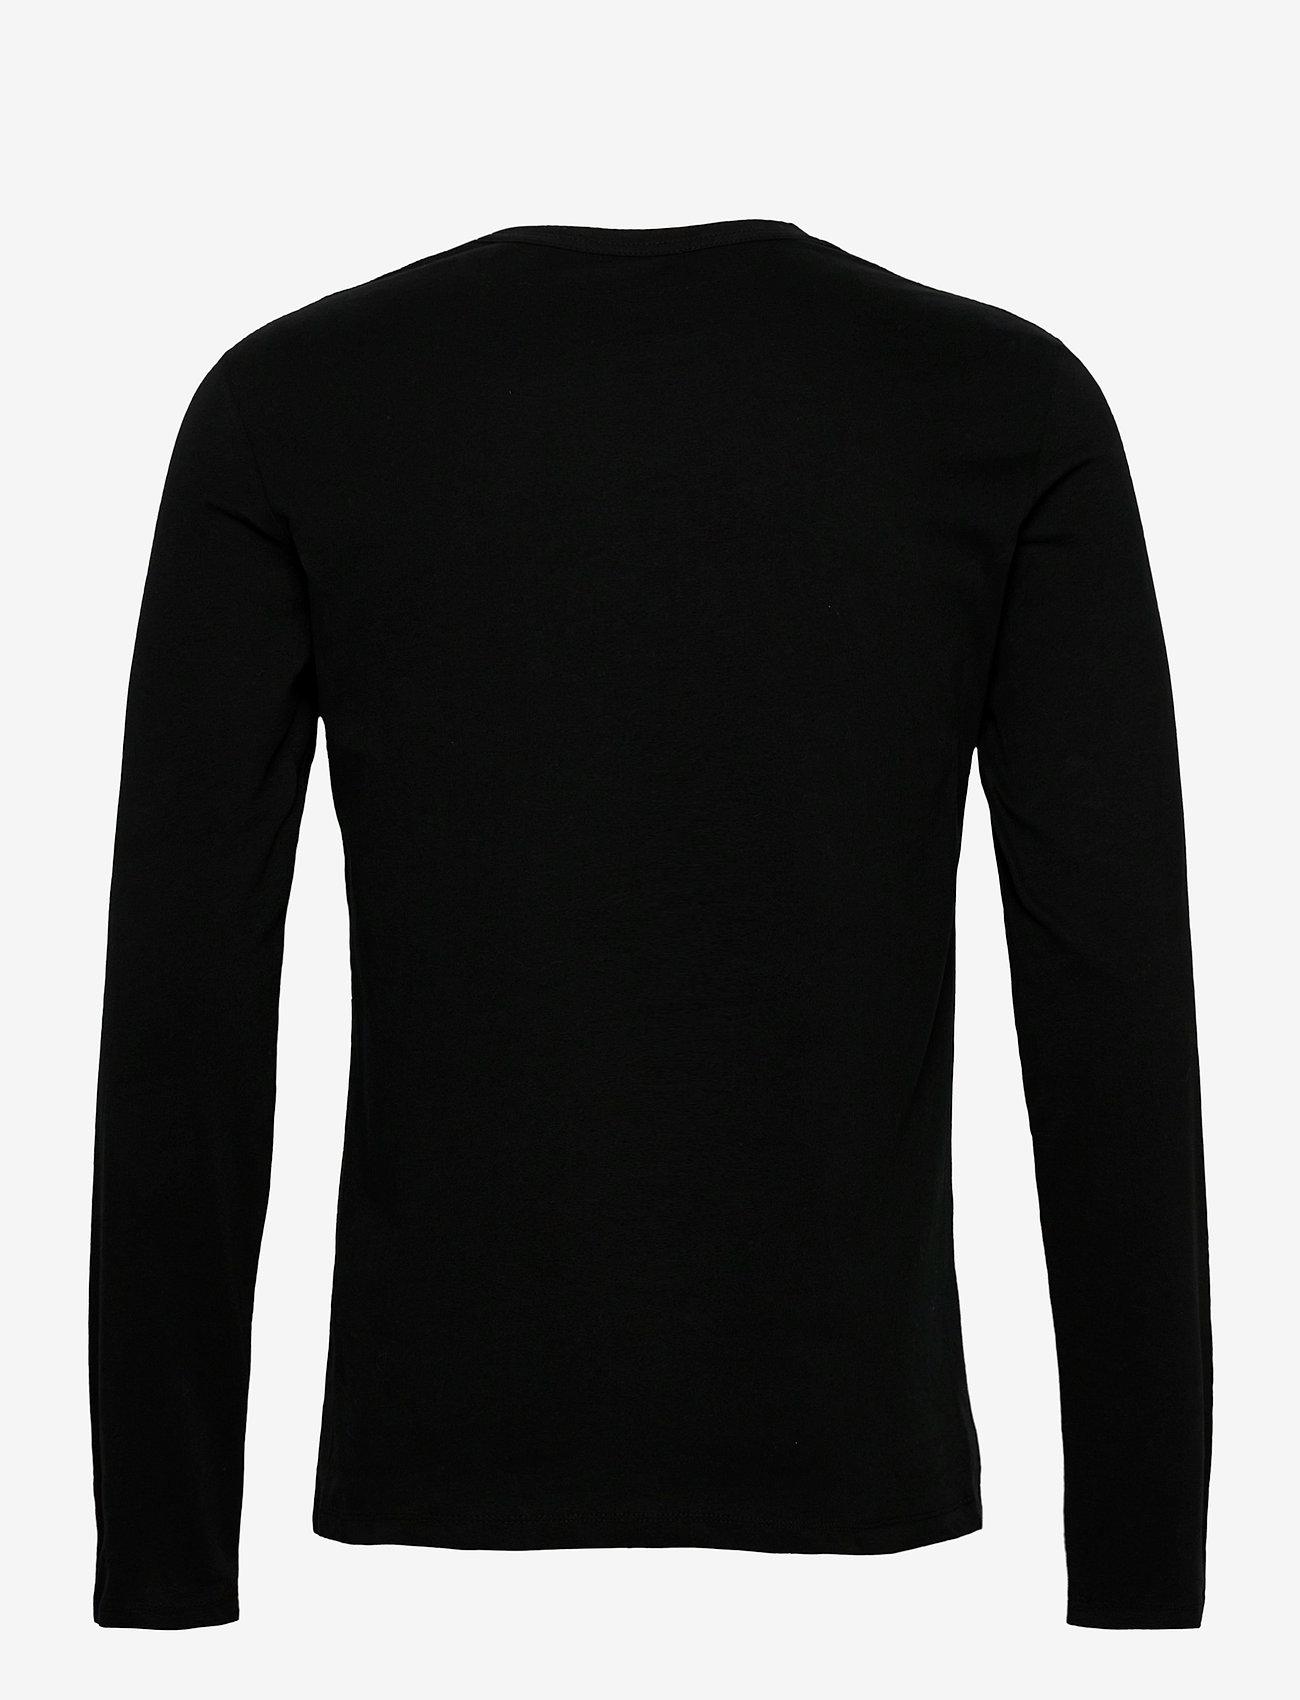 AllSaints BRACE LS TONIC CREW - T-skjorter JET BLACK - Menn Klær